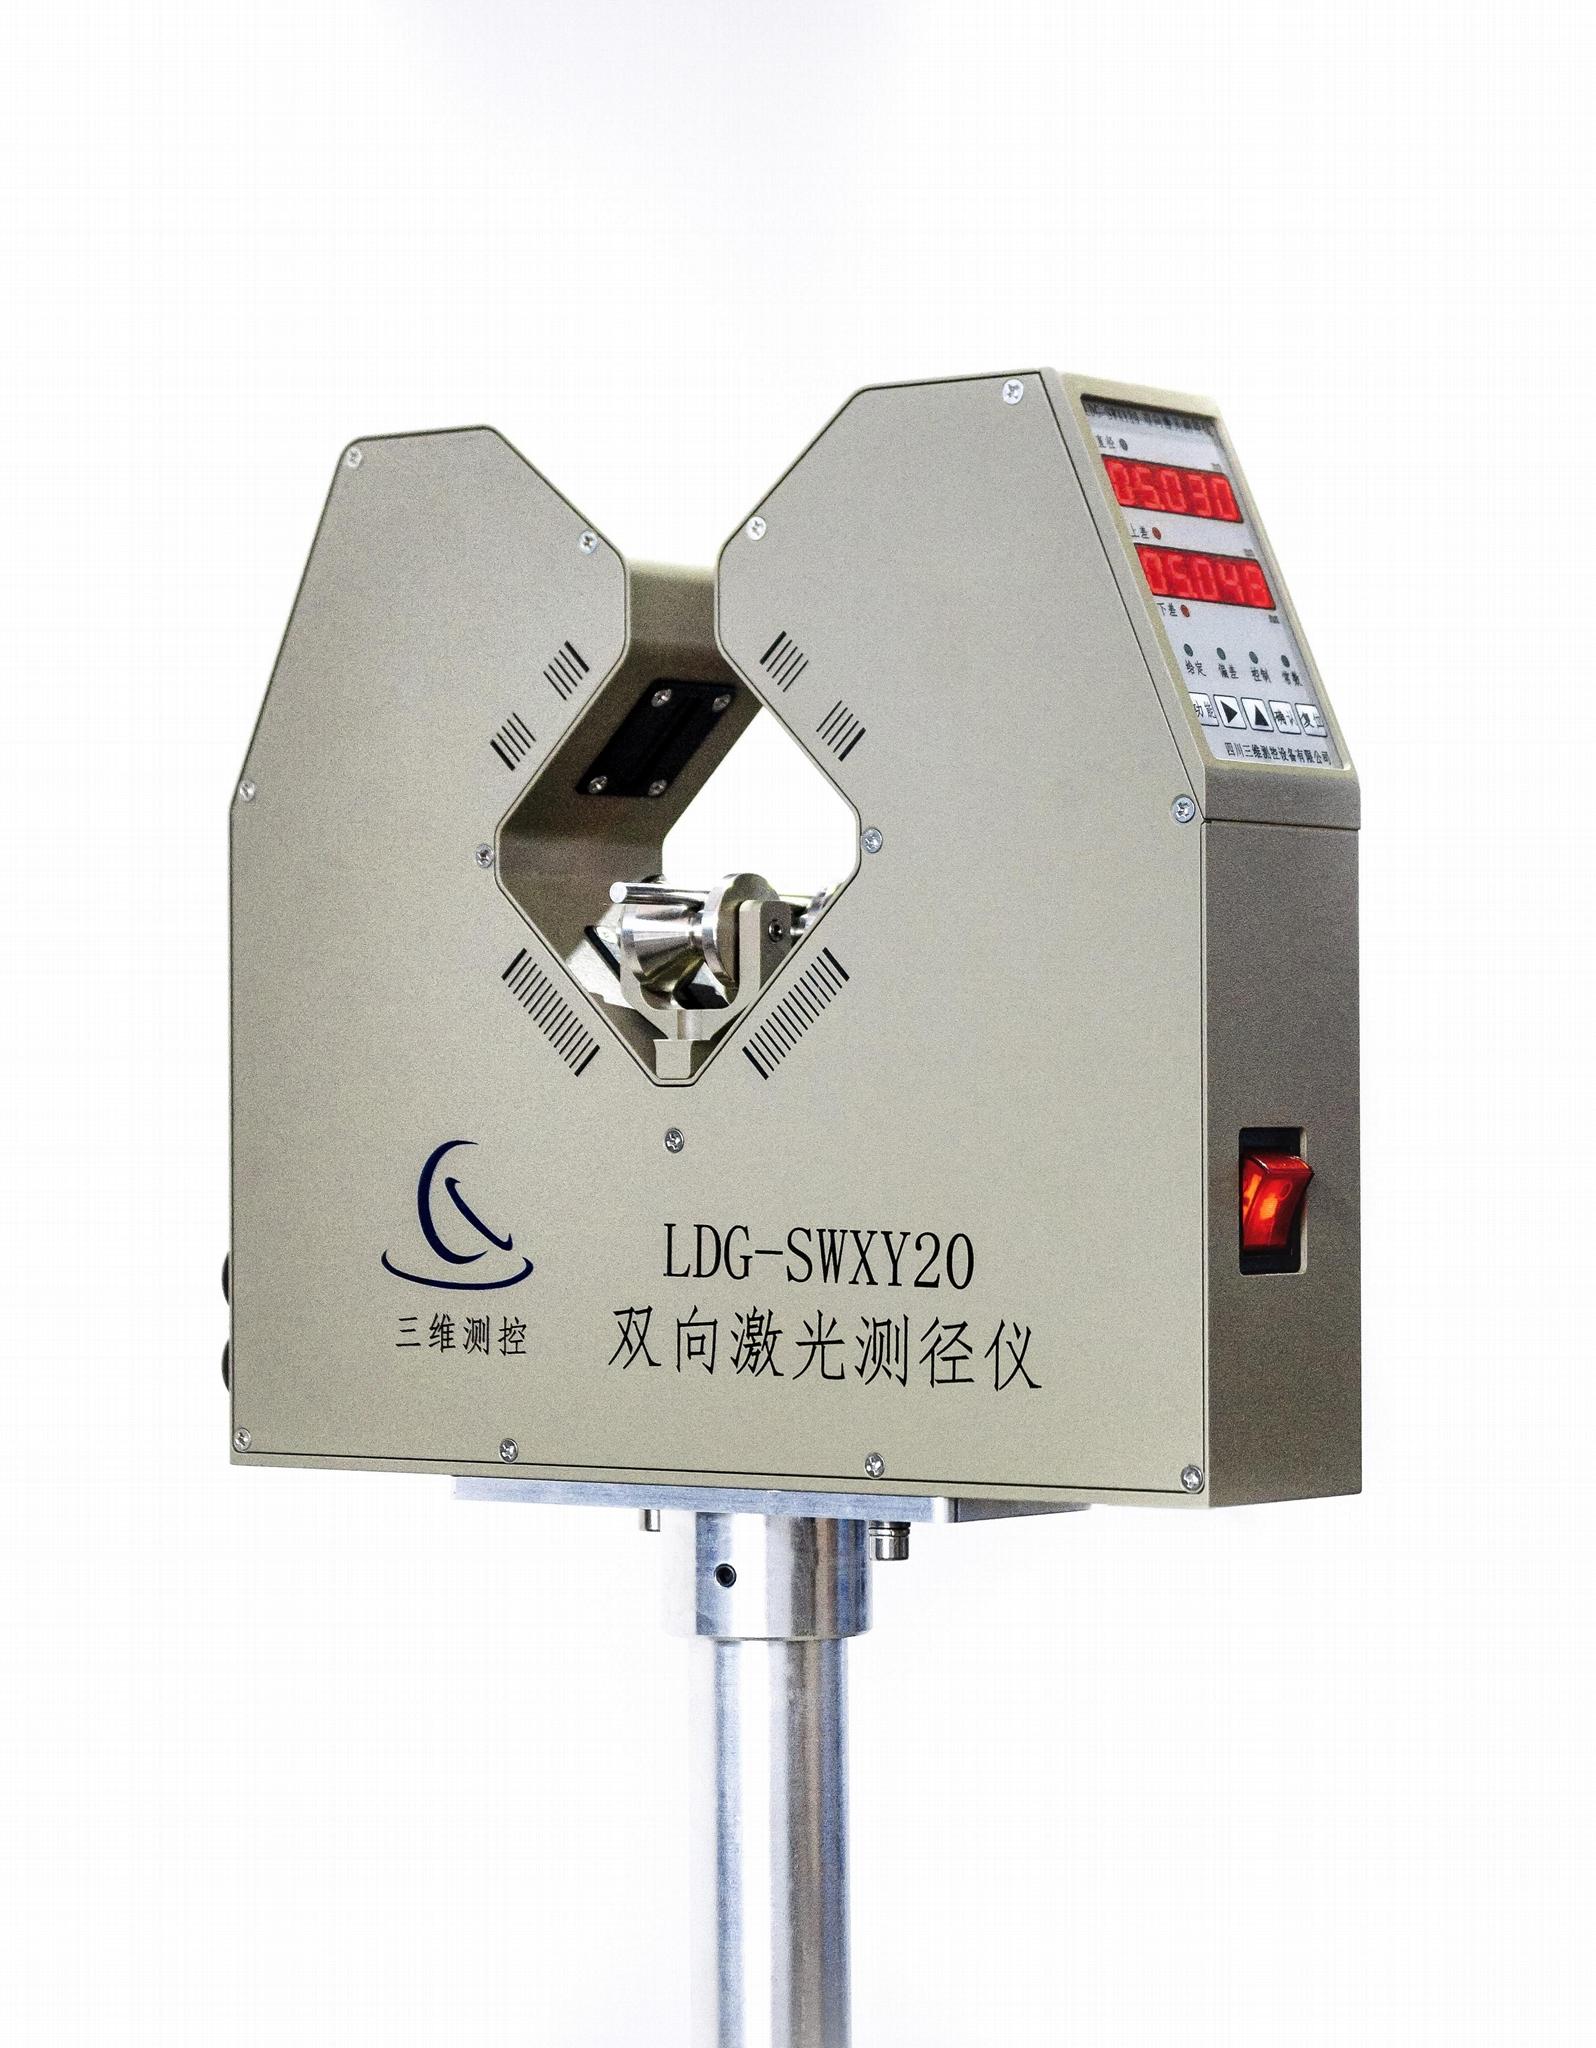 双向监测 传统的检测方法 我们做到了极致